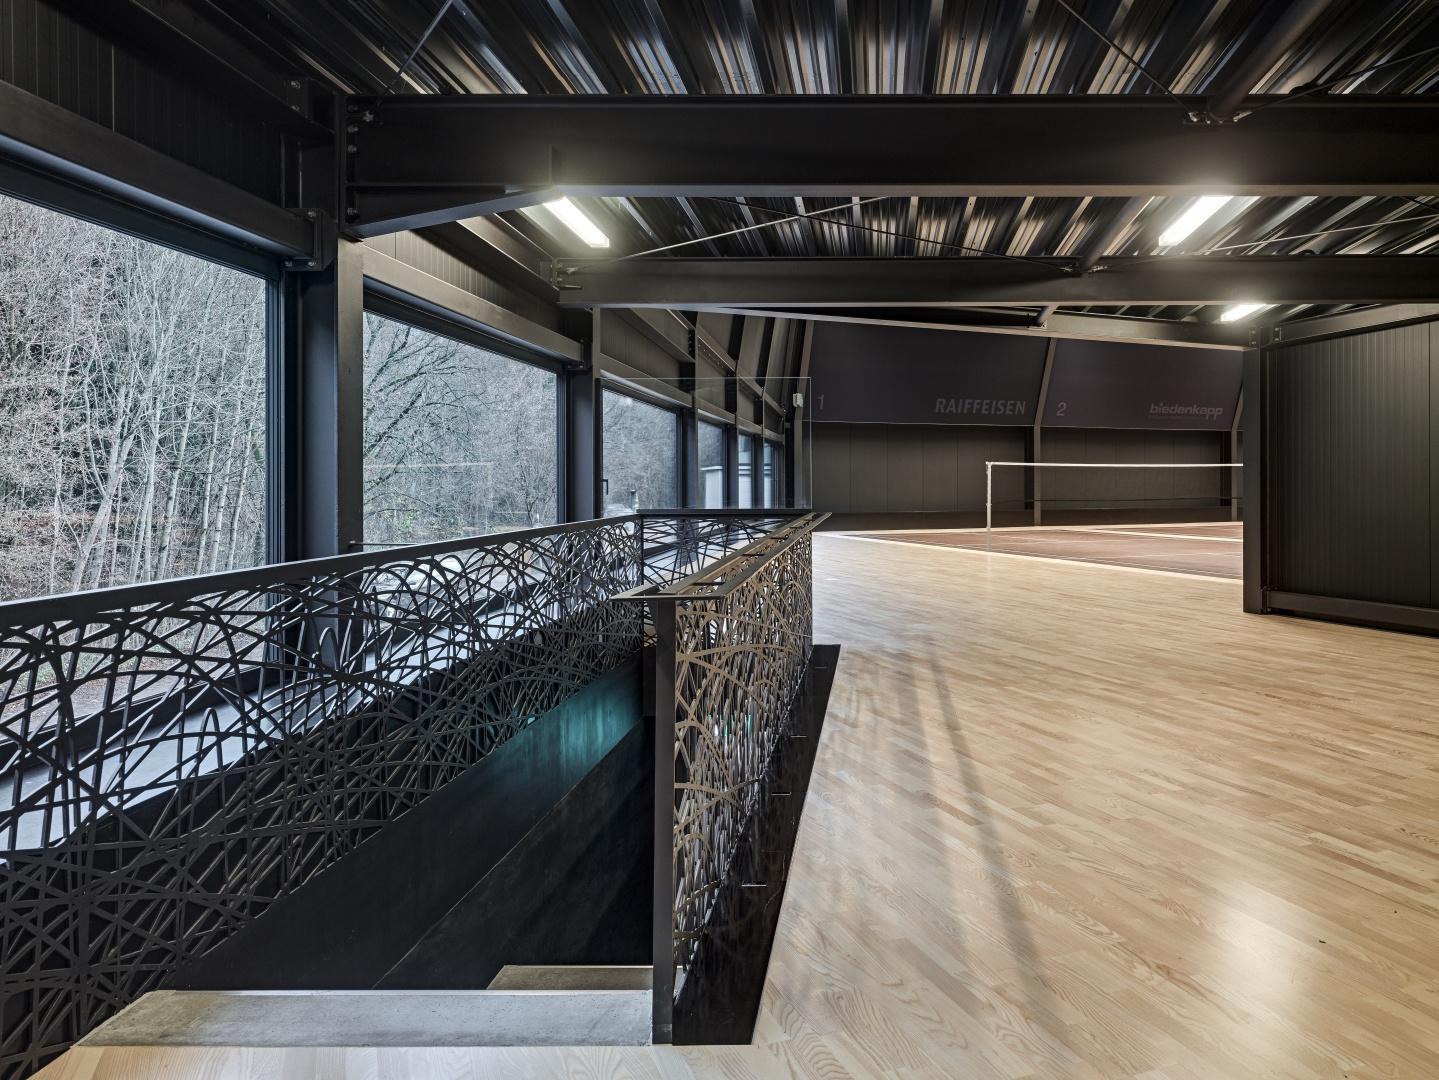 Zwischenbau Bestand und Halle mit Treppenabgang © Roger Frei, Zürich